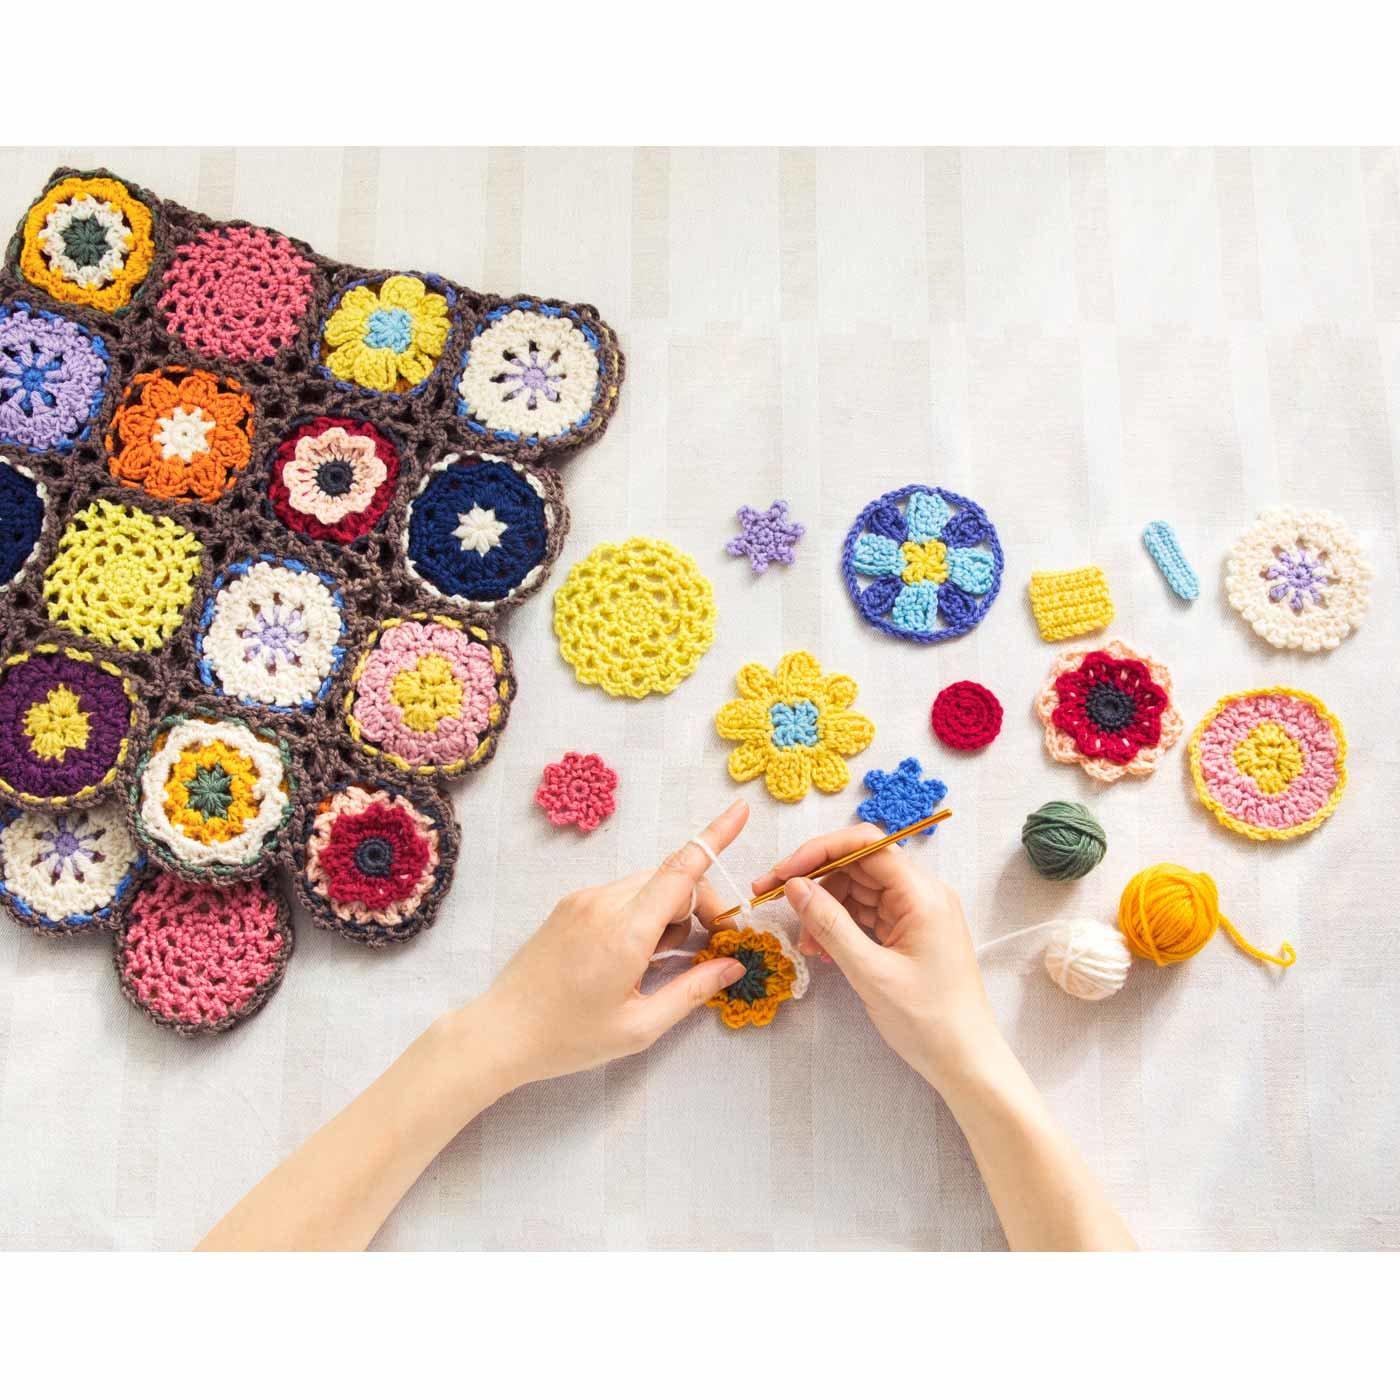 「はじめてさんのきほんのき」 くさり編みからきちんとレッスン♪ かぎ針モチーフ編みの会